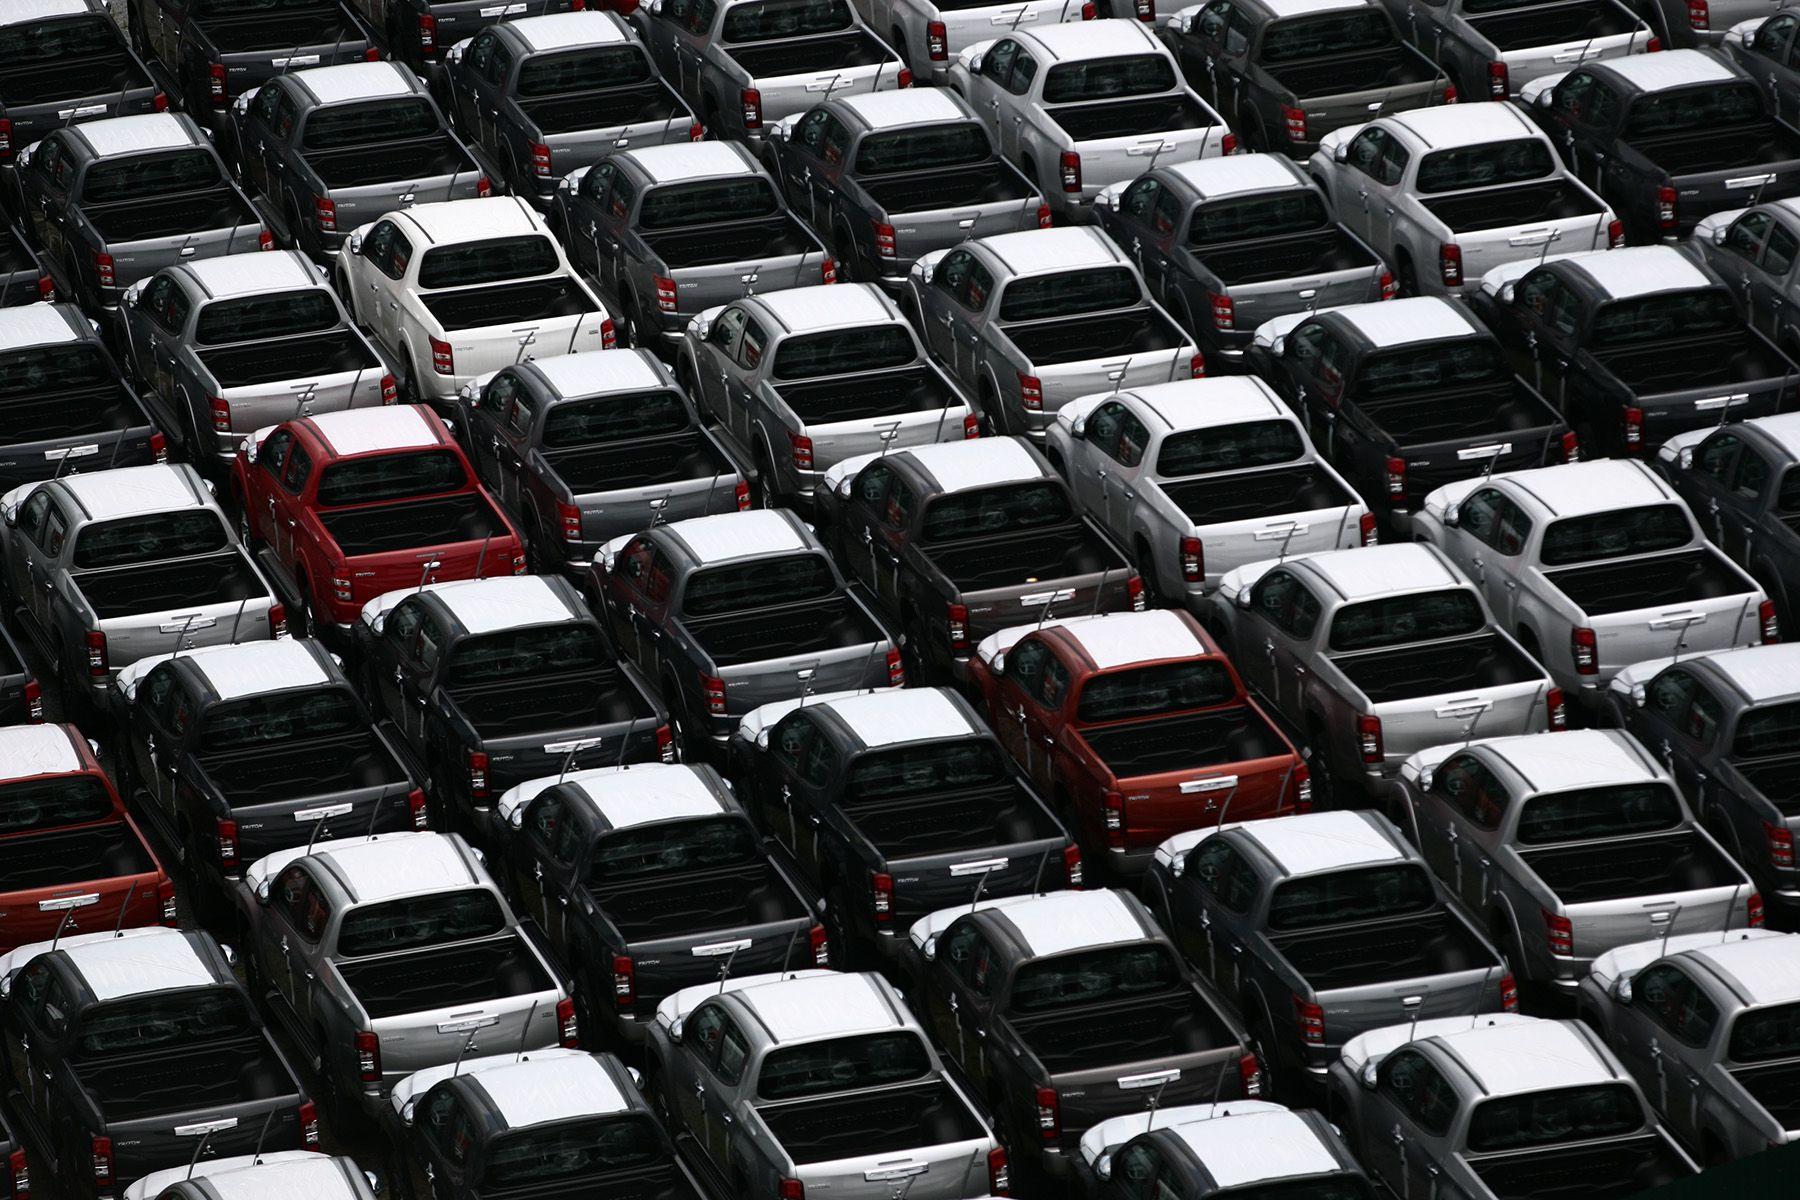 Việt Nam nhập khẩu ô tô nhiều nhất từ Indonesia hay Thái Lan? - 1